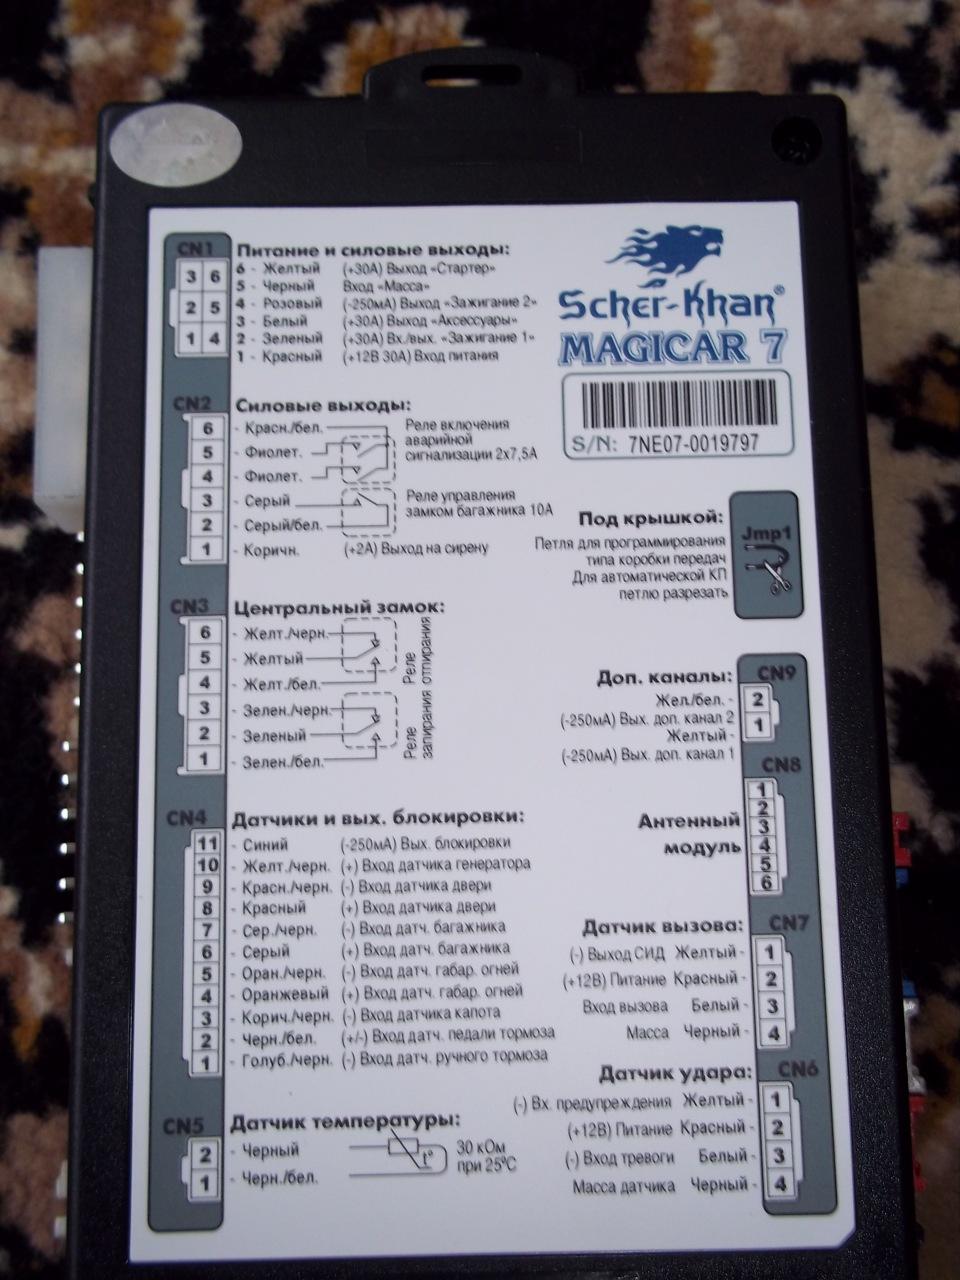 Сигнализация SCHER-KHAN MAGICAR 7: инструкция по установке, настройке и эксплуатации сигнализации